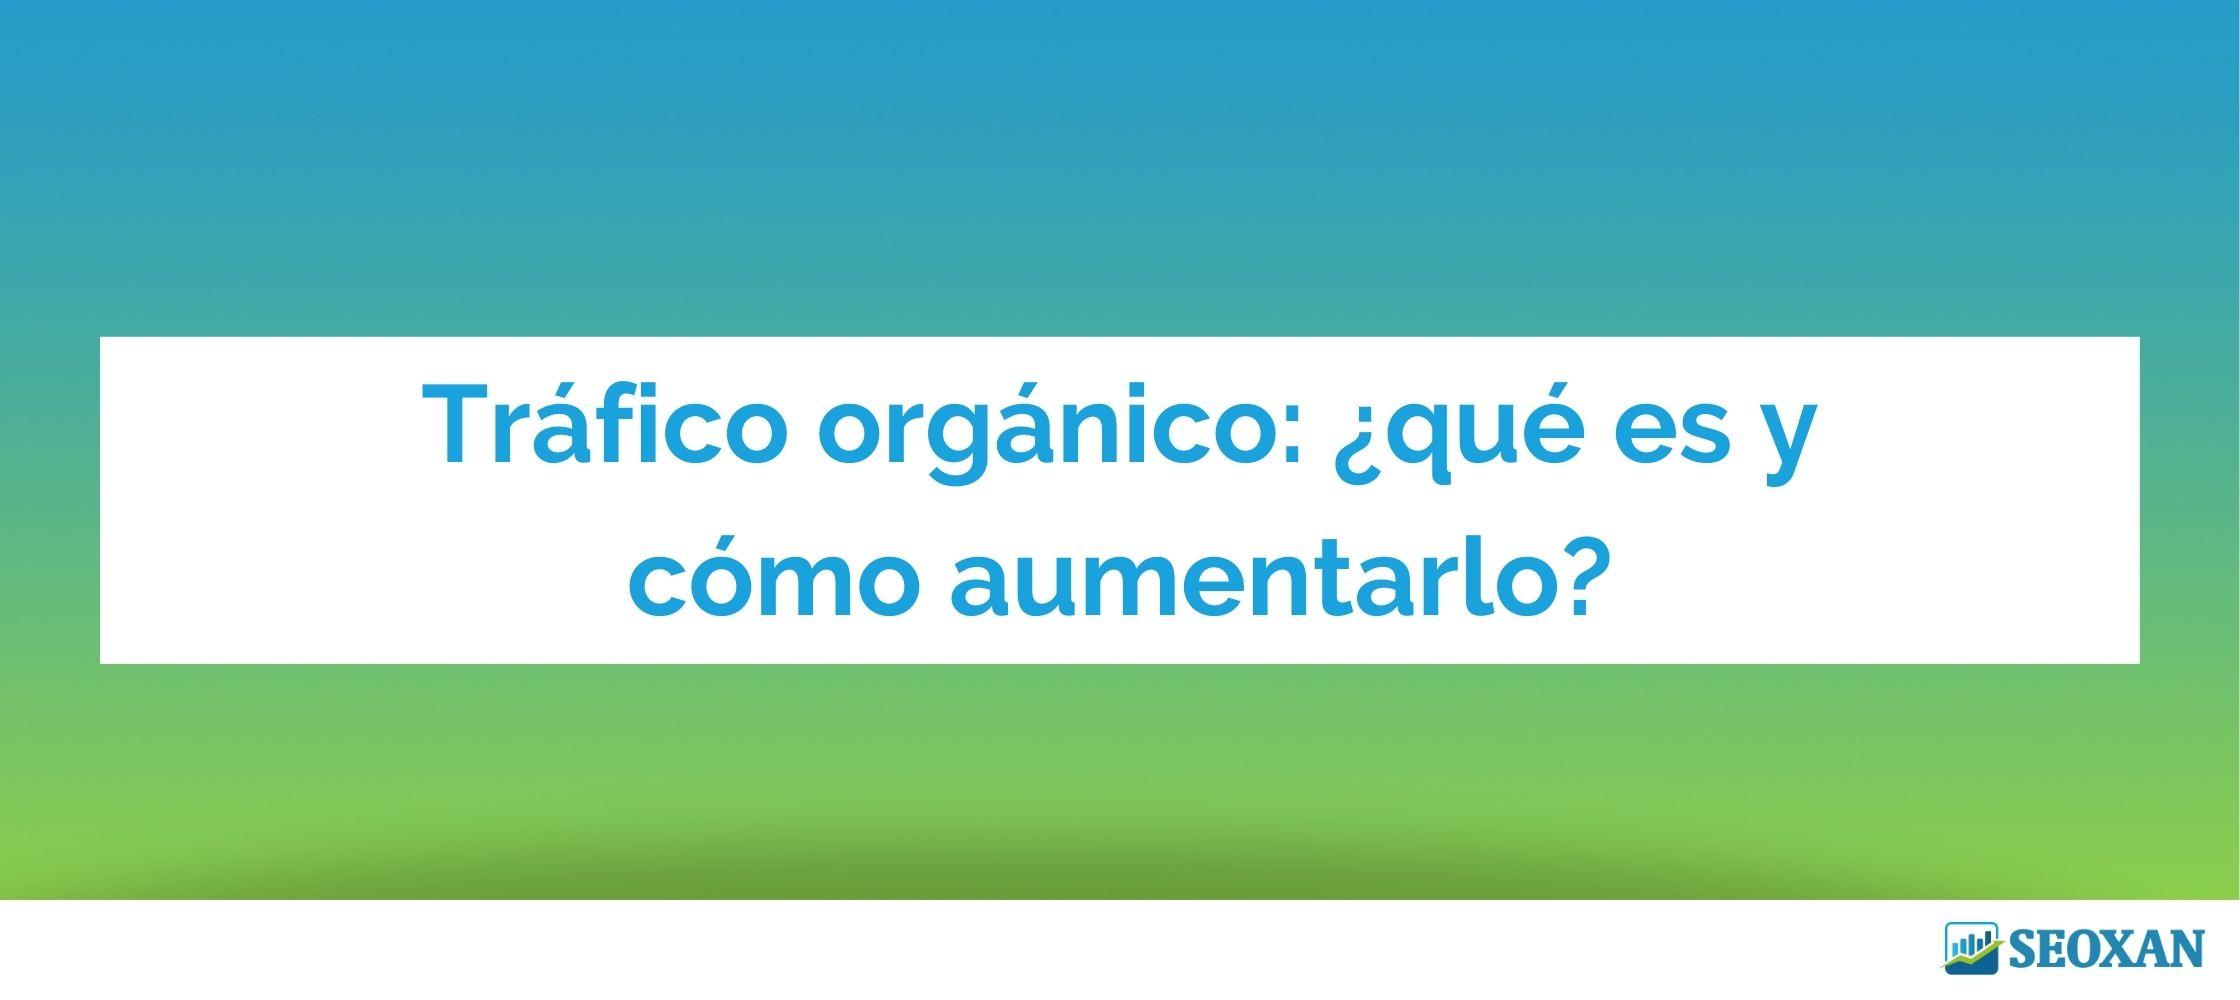 Tráfico orgánico: ¿qué es y cómo aumentarlo?